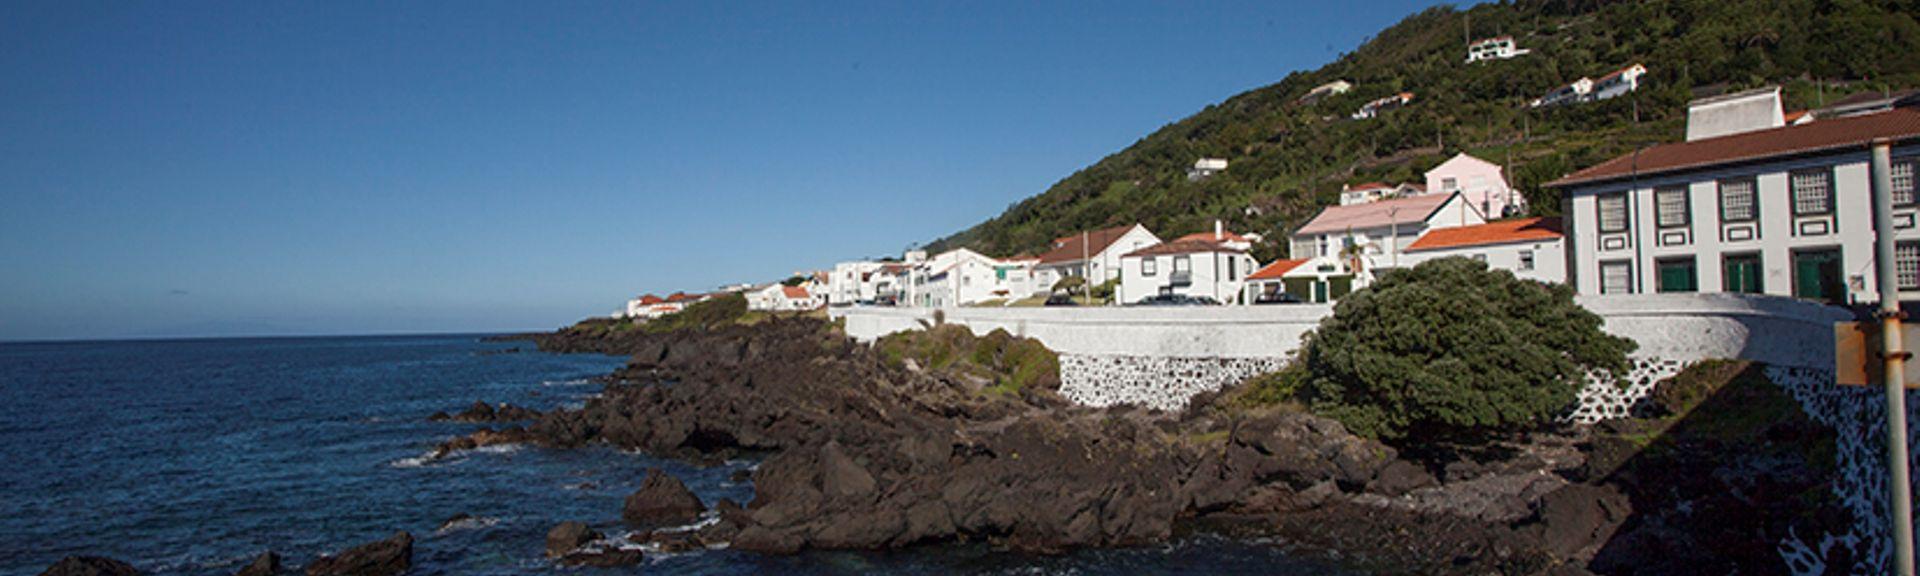 Île de São Jorge, Açores, Portugal